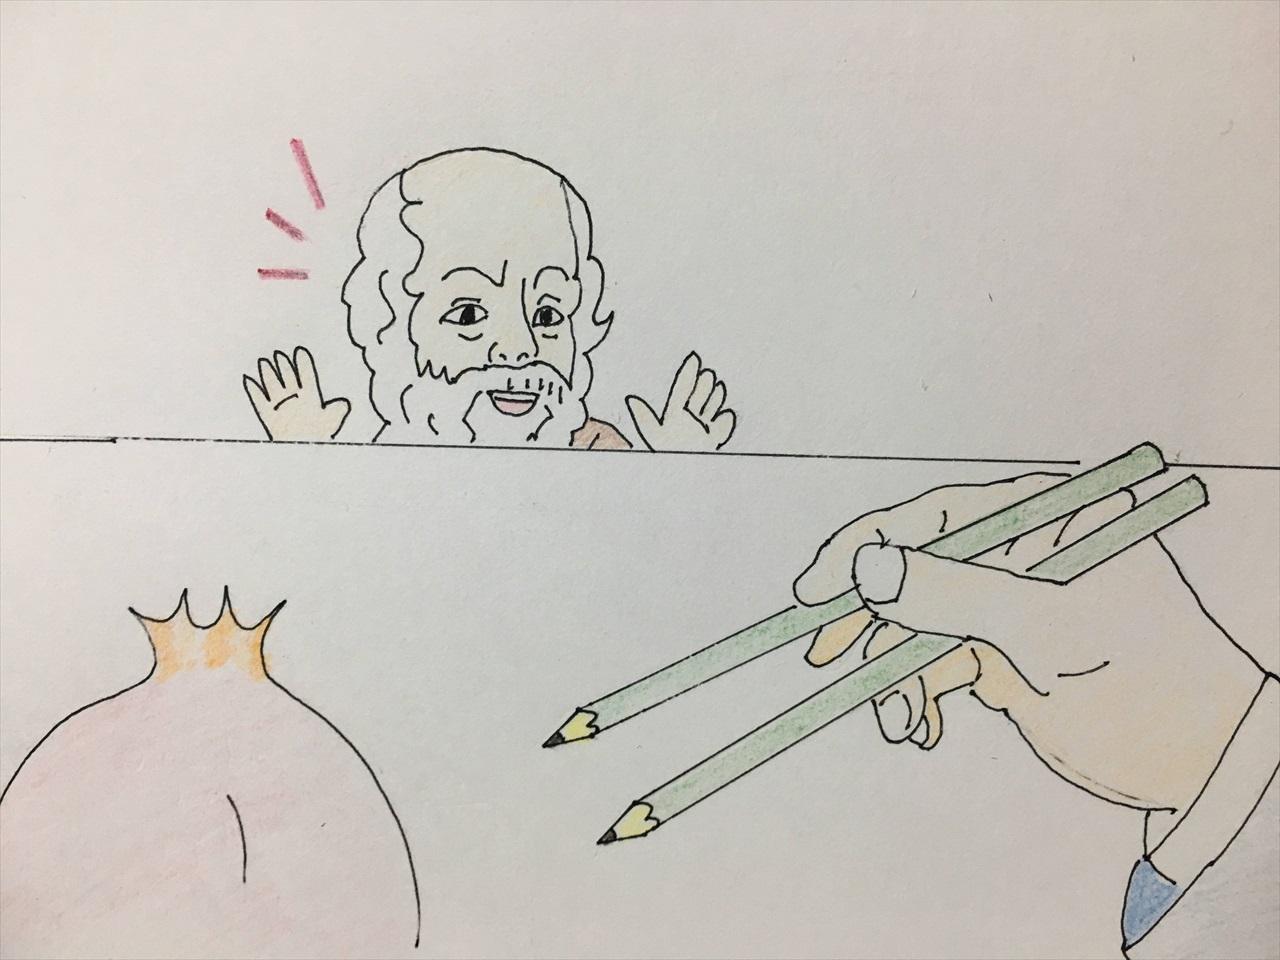 驚くソクラテス翁。私たちに馴染み深い鉛筆の原型が登場するのは、ルネサンス以降のことですから、ソクラテスはこれを何だと理解するのでしょうか?